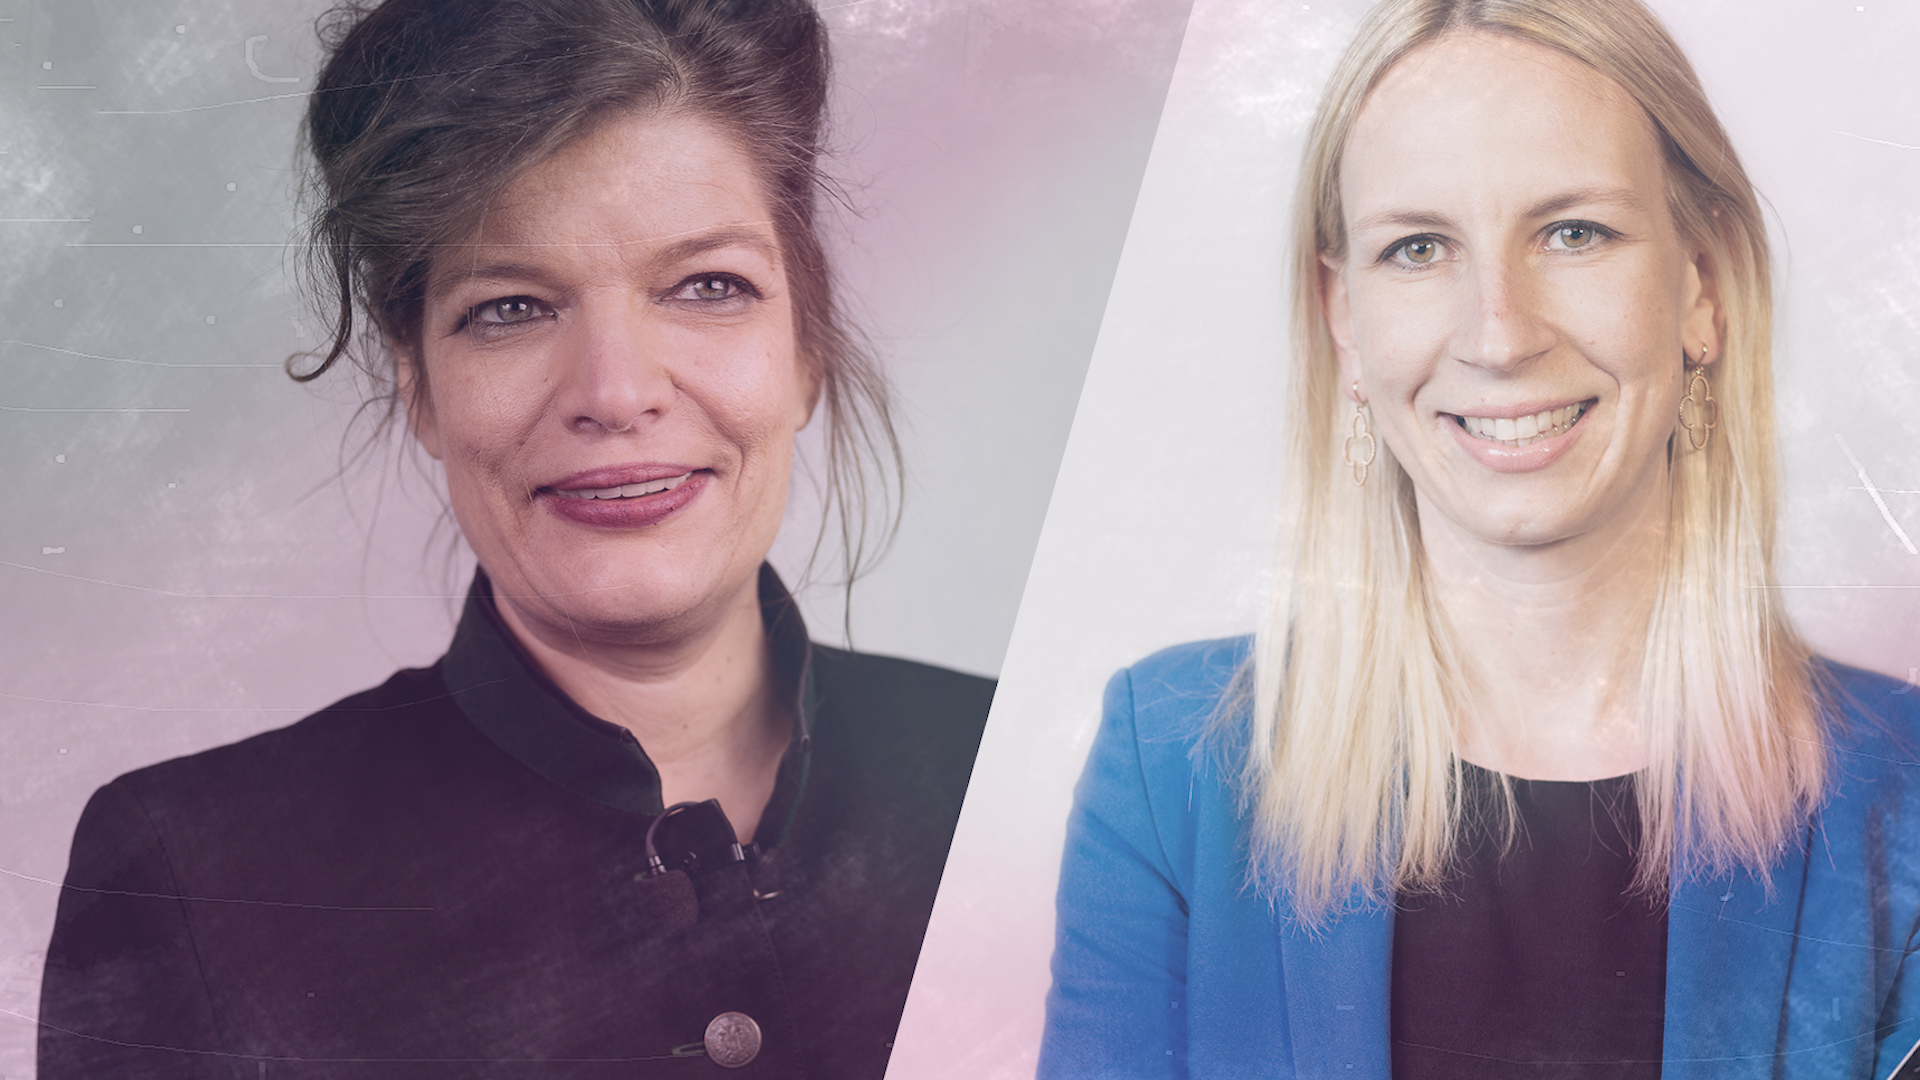 Talk im Schloss – Elisabeth Rogy im Gespräch mit Esther Matolycz